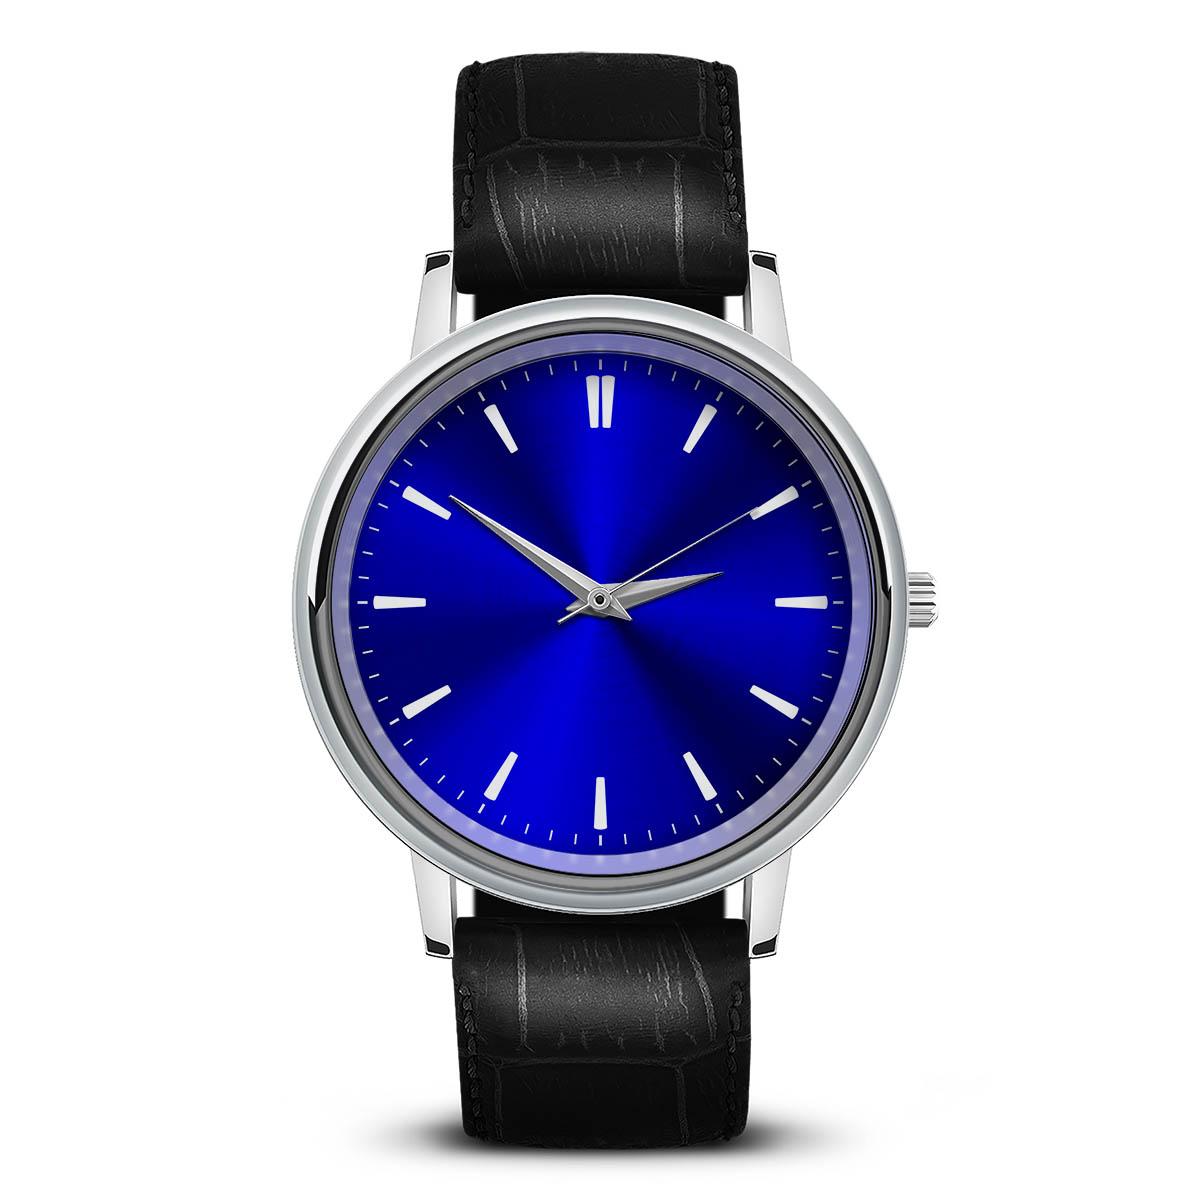 W w c c оригинальные часы mercedes-benz в наличии с доставкой в день заказа.